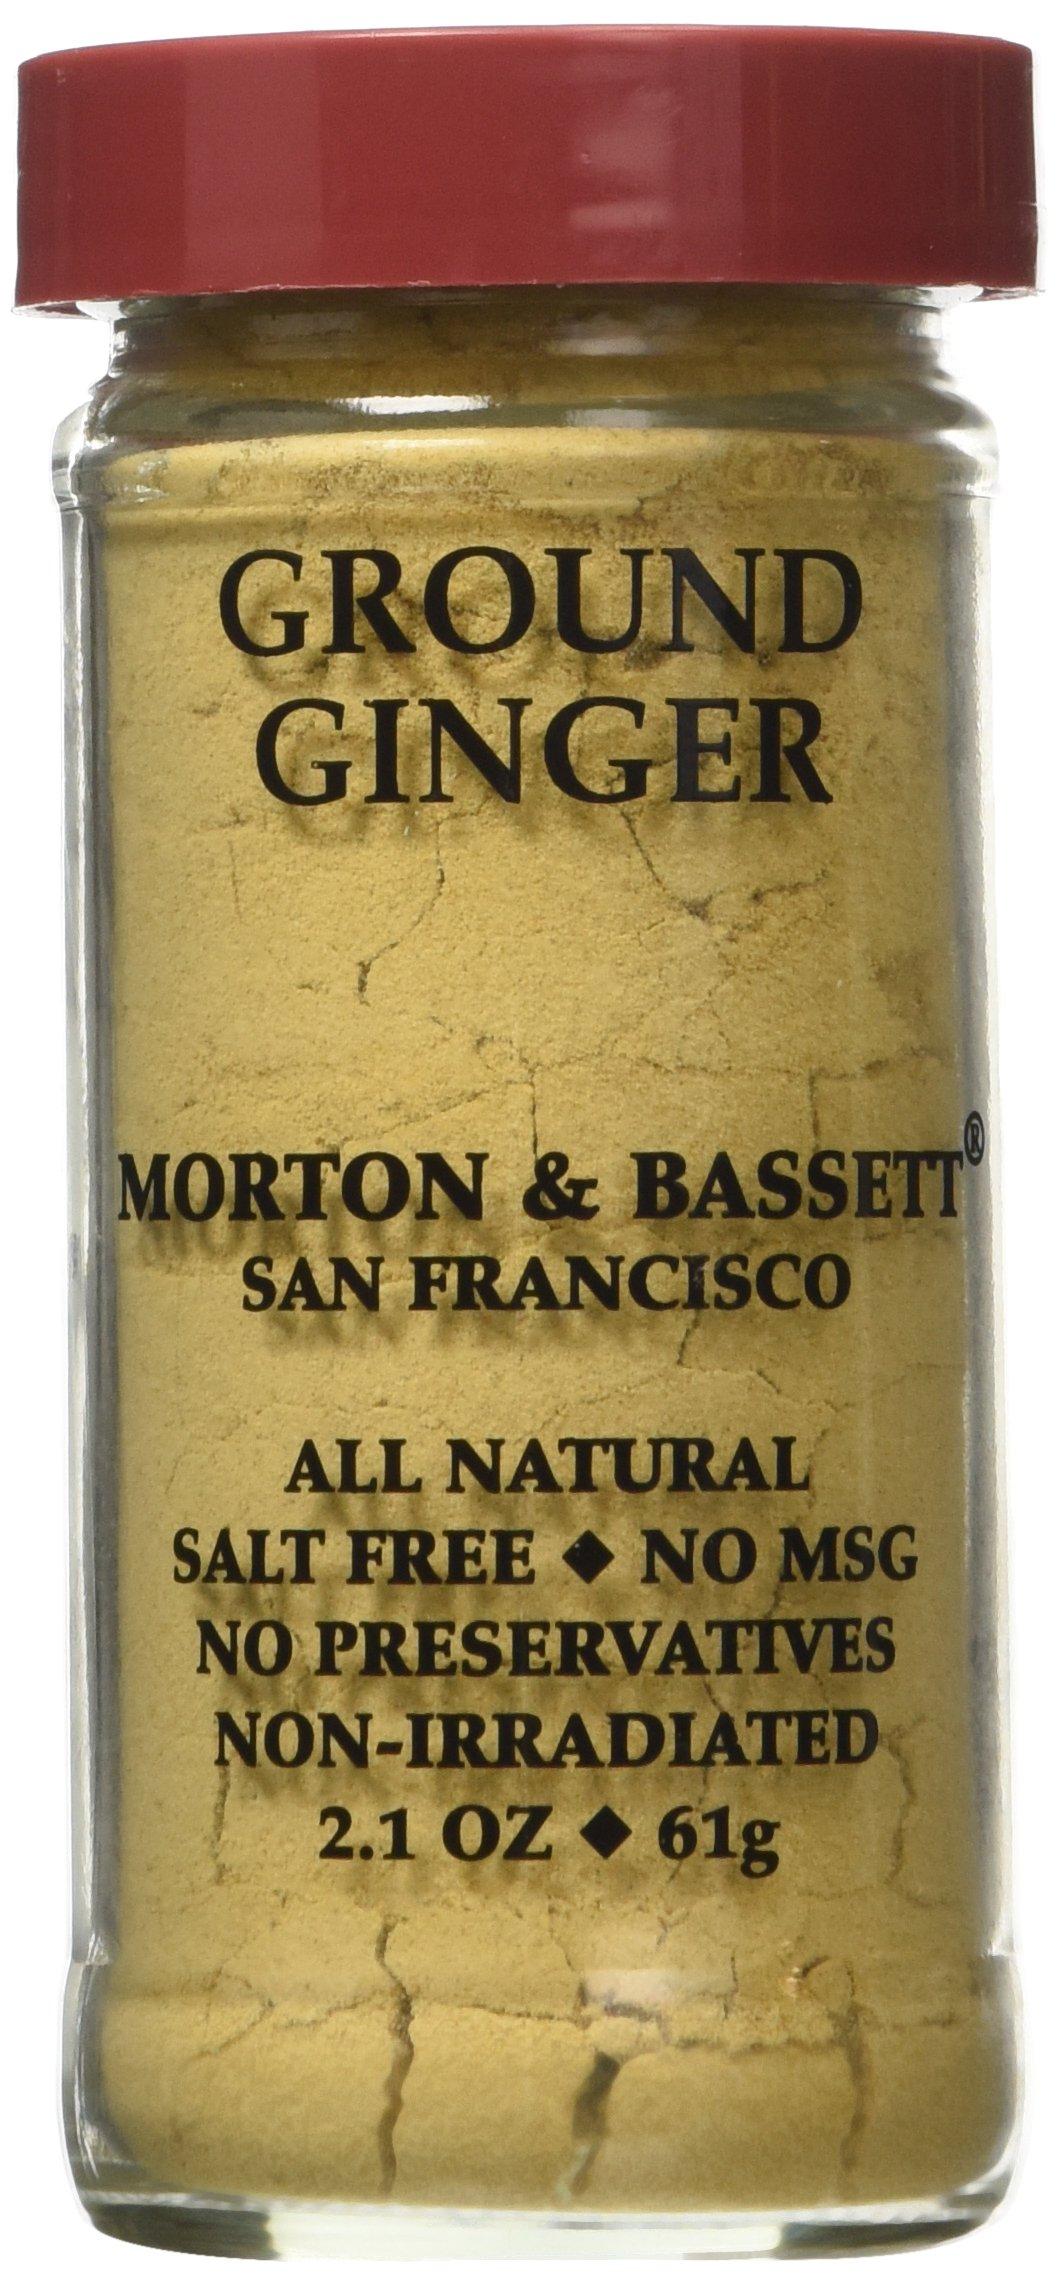 Morton & Bassett Ground Ginger, 2.1-Ounce jar